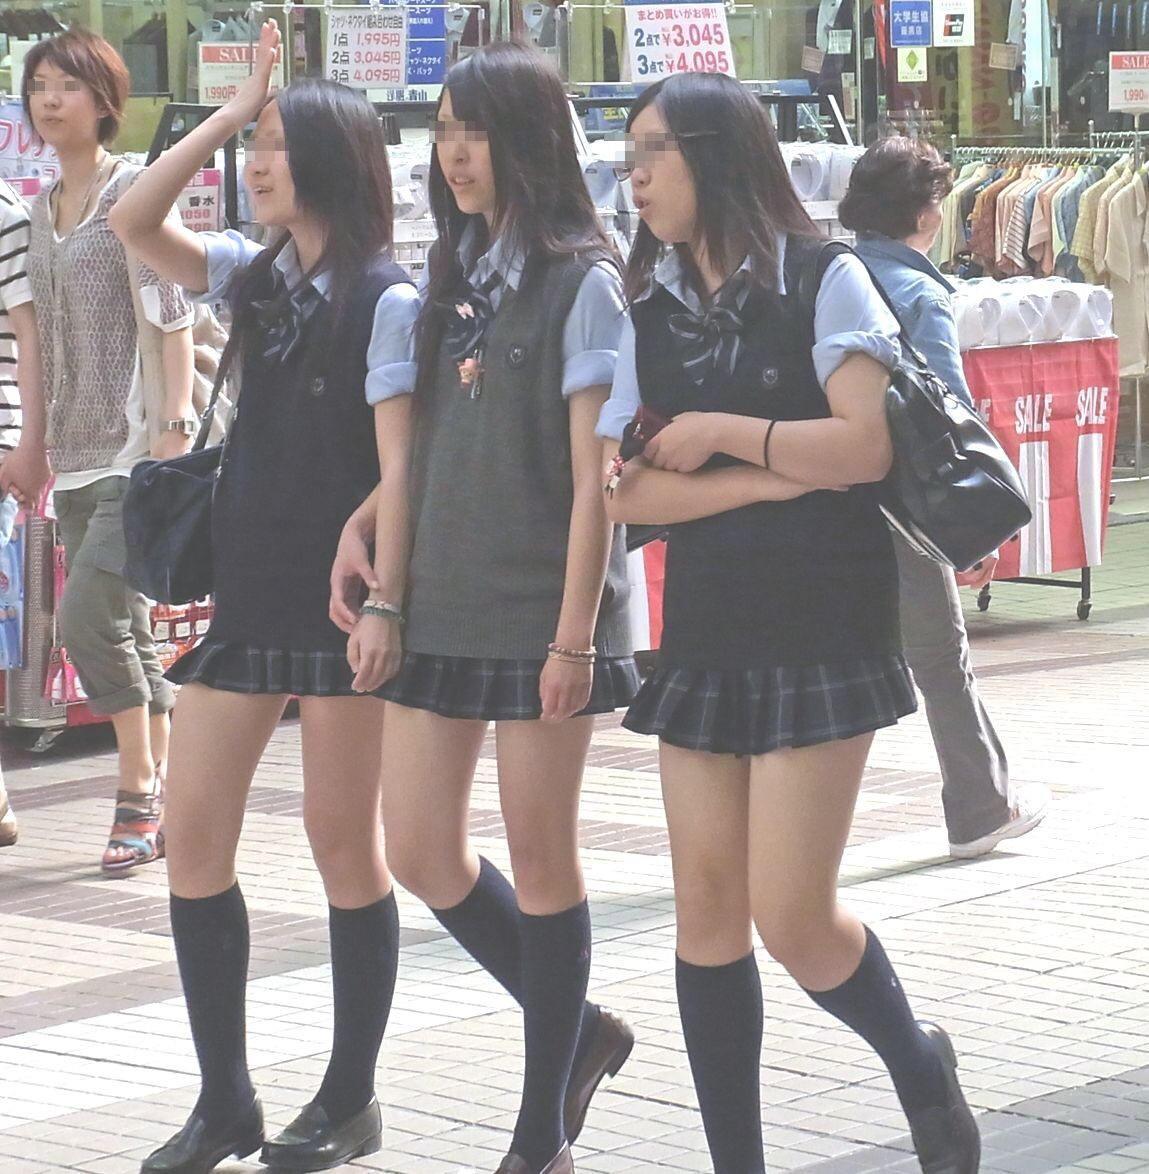 澄ました顔してエッチな制服来て彷徨くJK画像wwwwwwwww 3bzaRN6